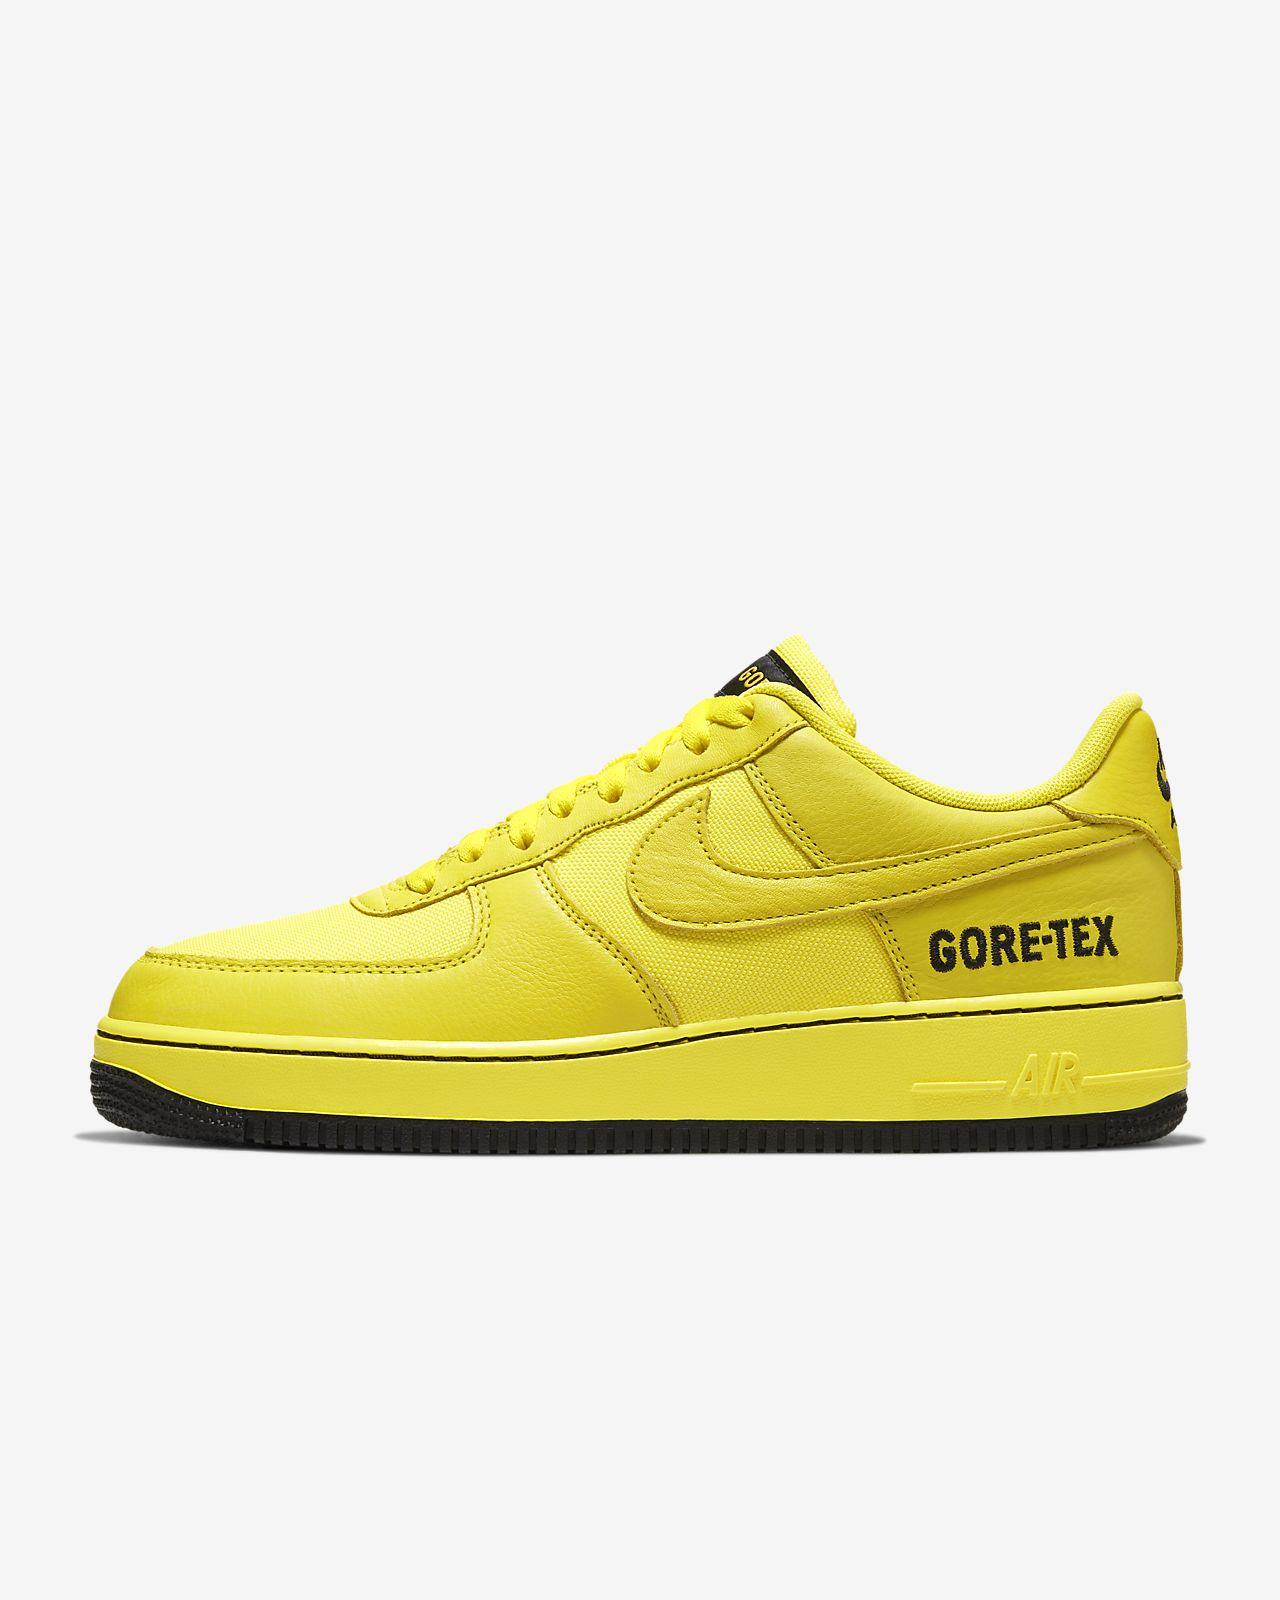 Chaussure Nike Air Force 1 GORE-TEX